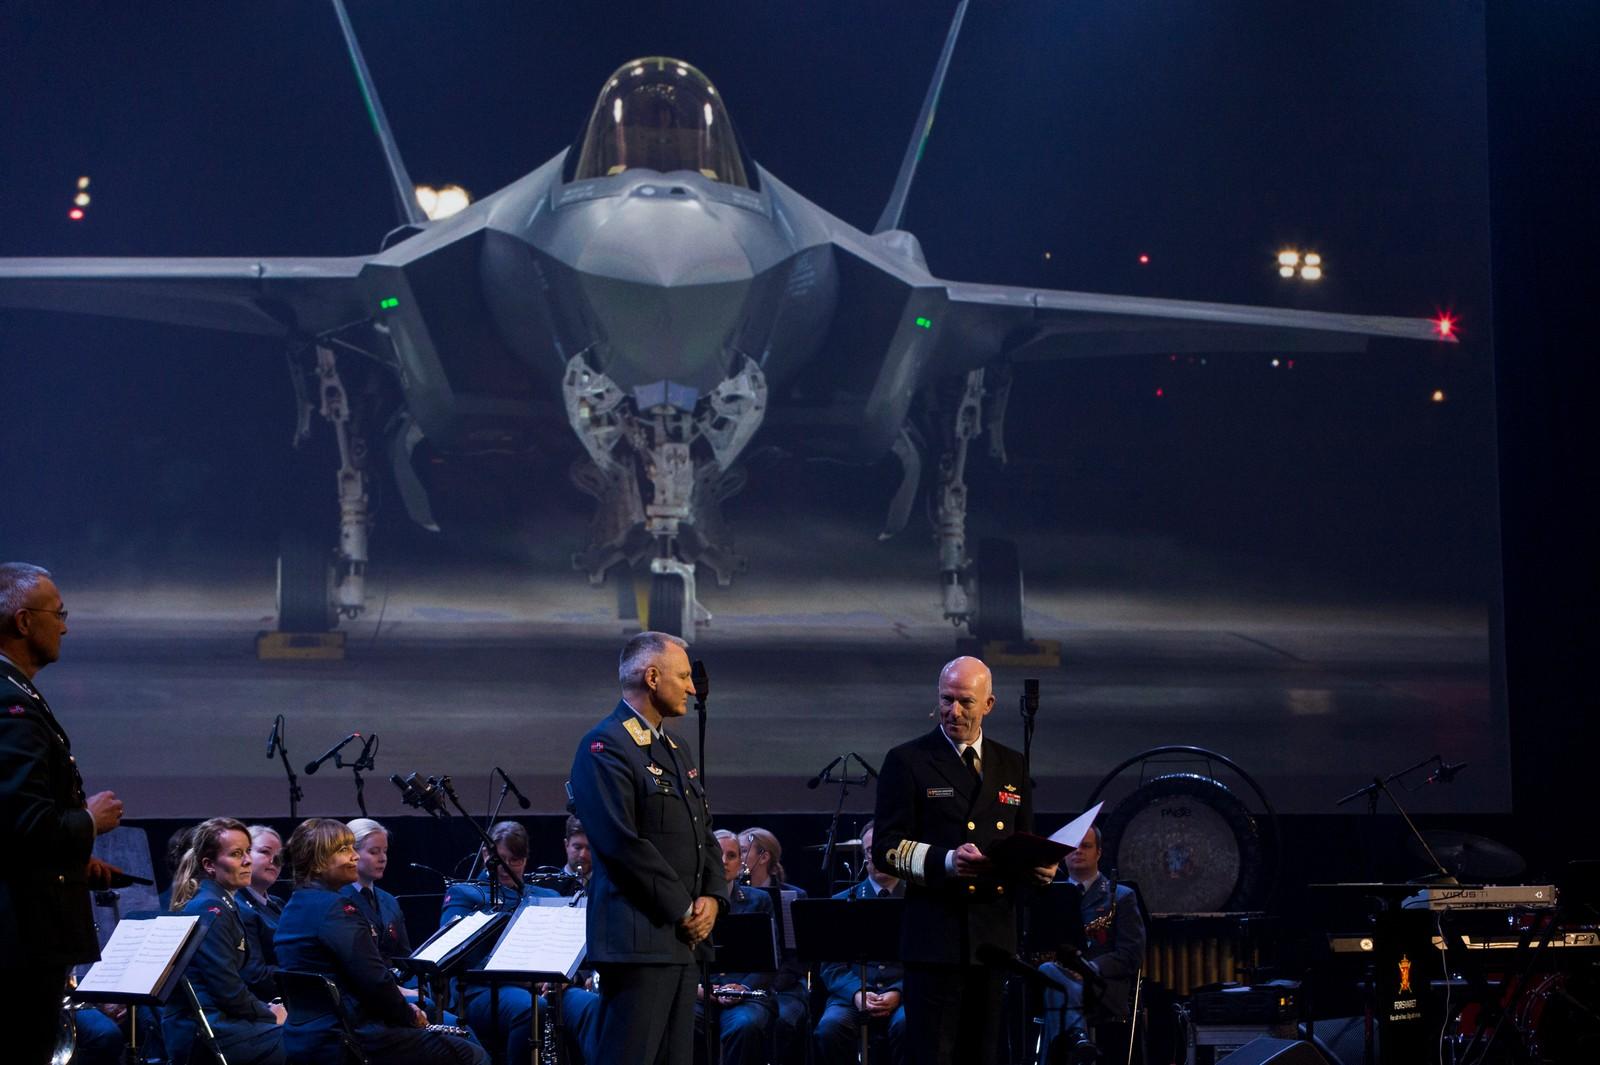 Generalmajor og programdirektør Morten Klever og forsvarssjef Haakon Bruun-Hanssen på Luftforsvarets 73. bursdagsmarkering er de nye F-35 flyene på vingene over Trøndelag.